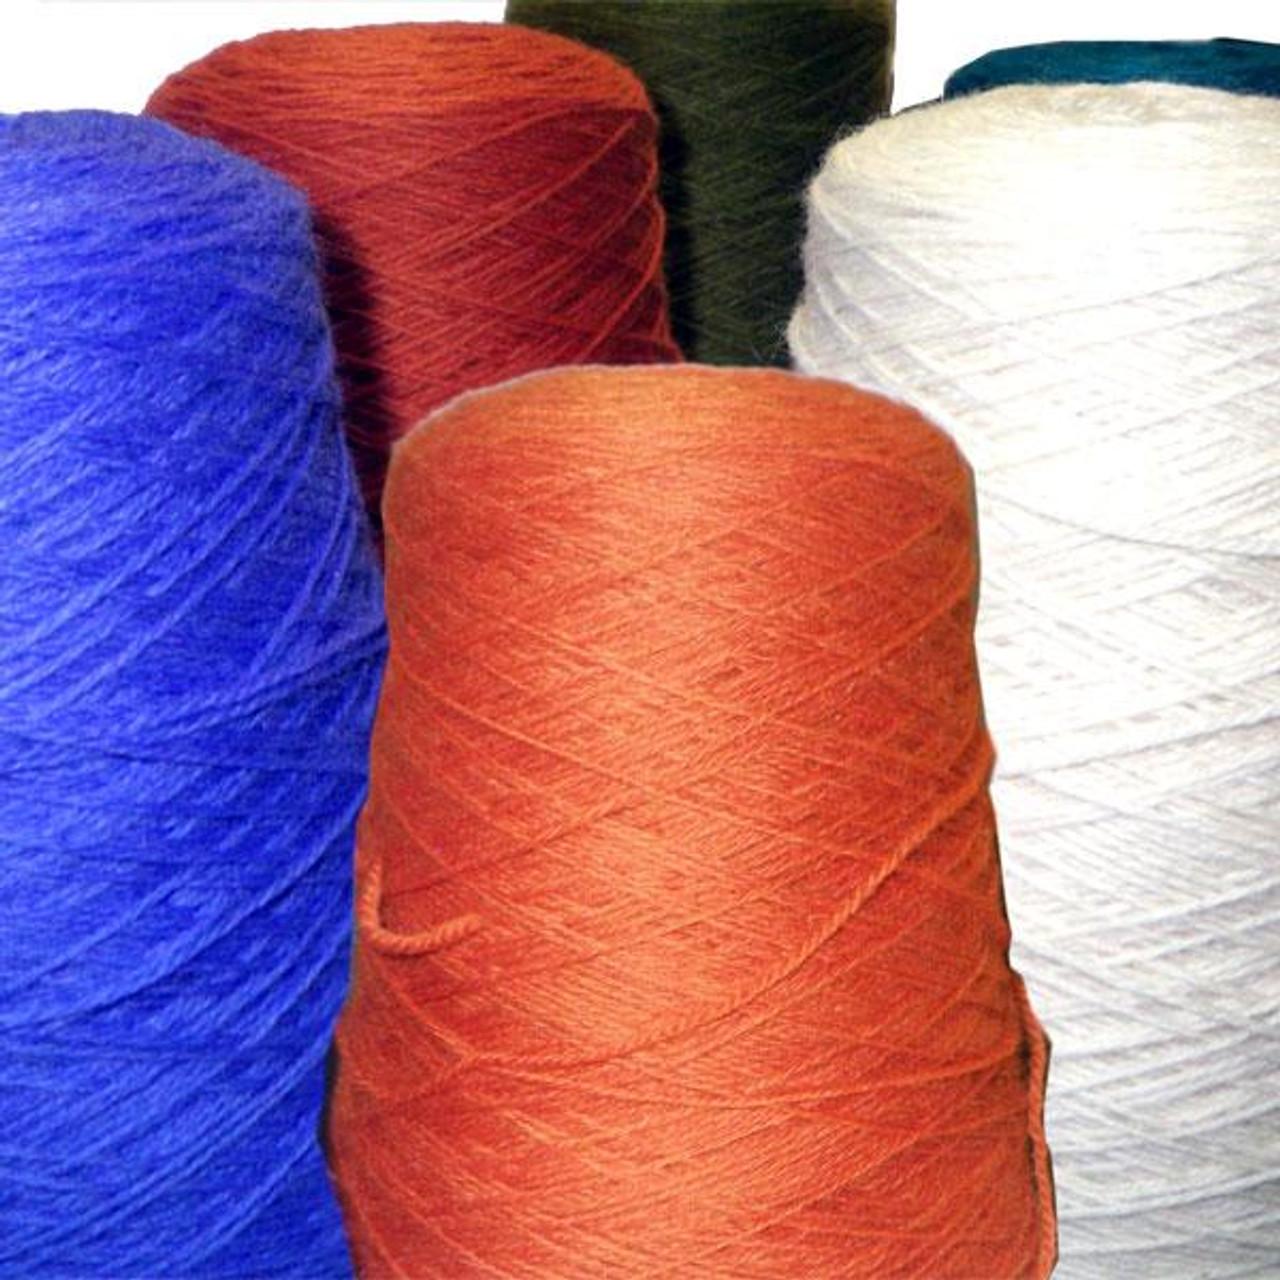 Bit of Blue Sport Weight Nature Spun 100/% Wool Knit Crochet